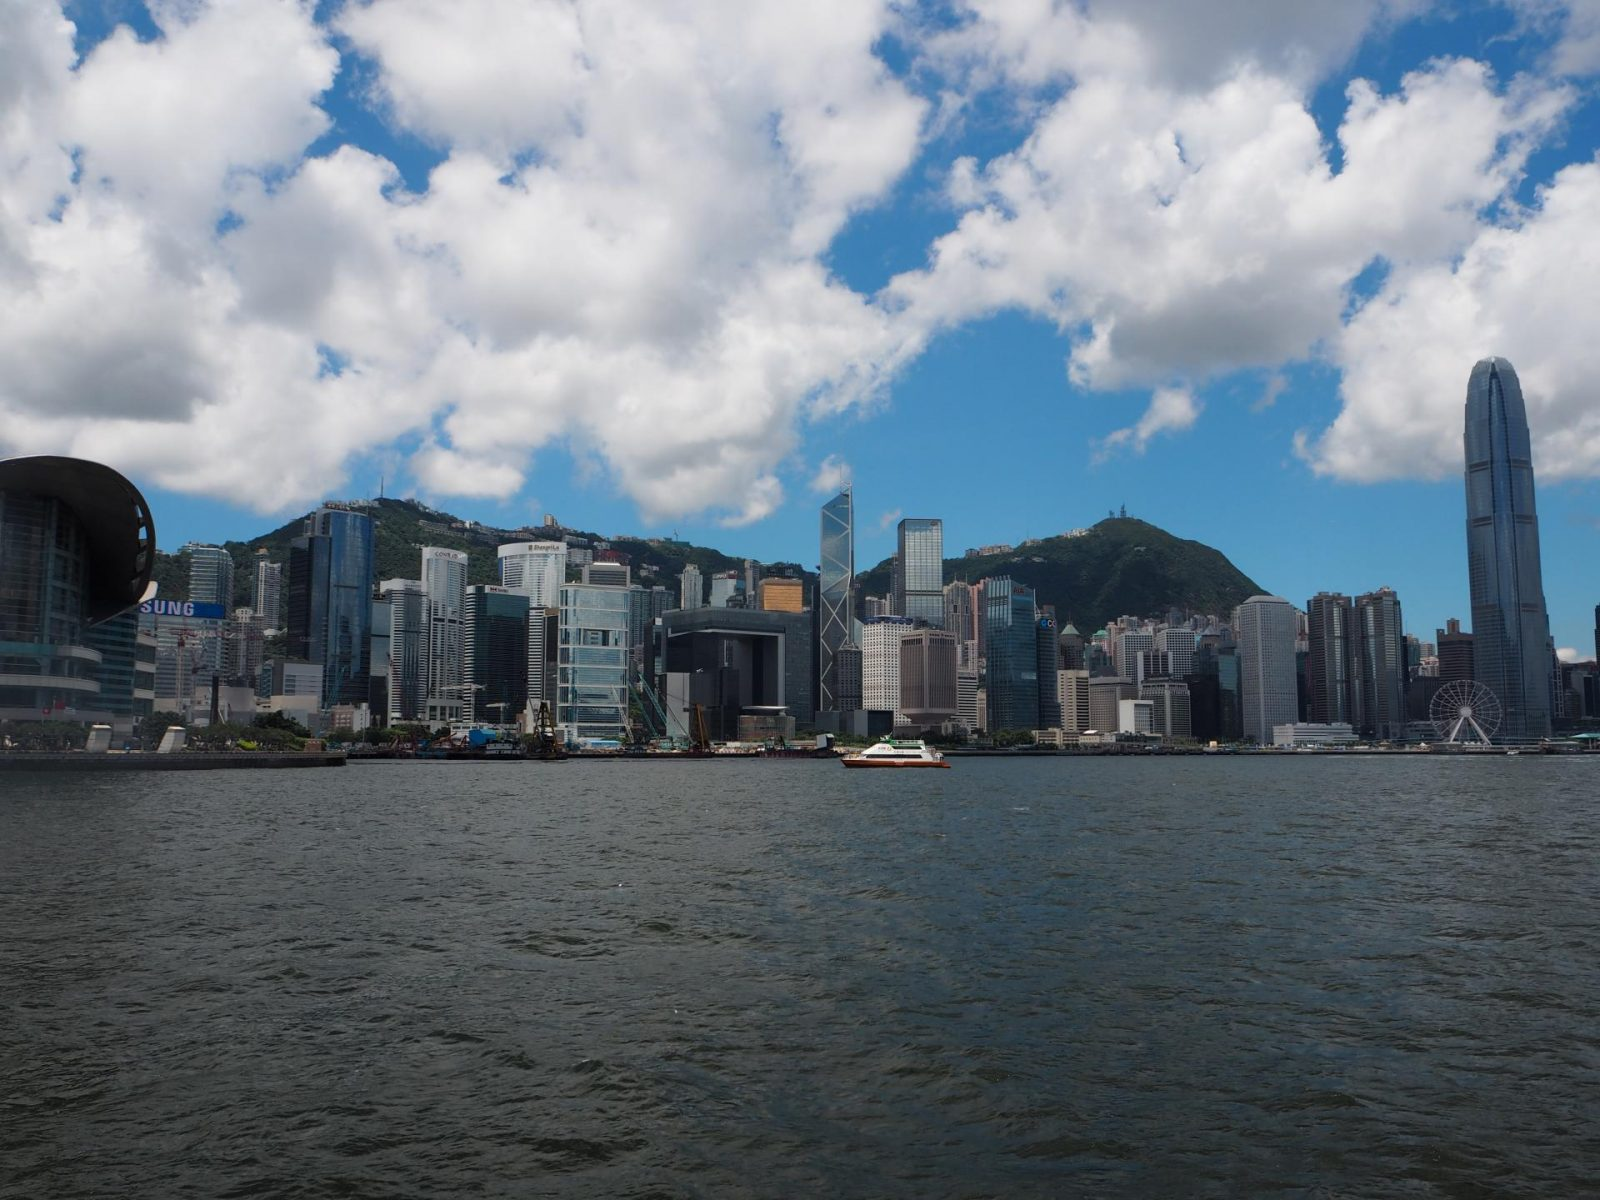 Star Ferry Hong Kong